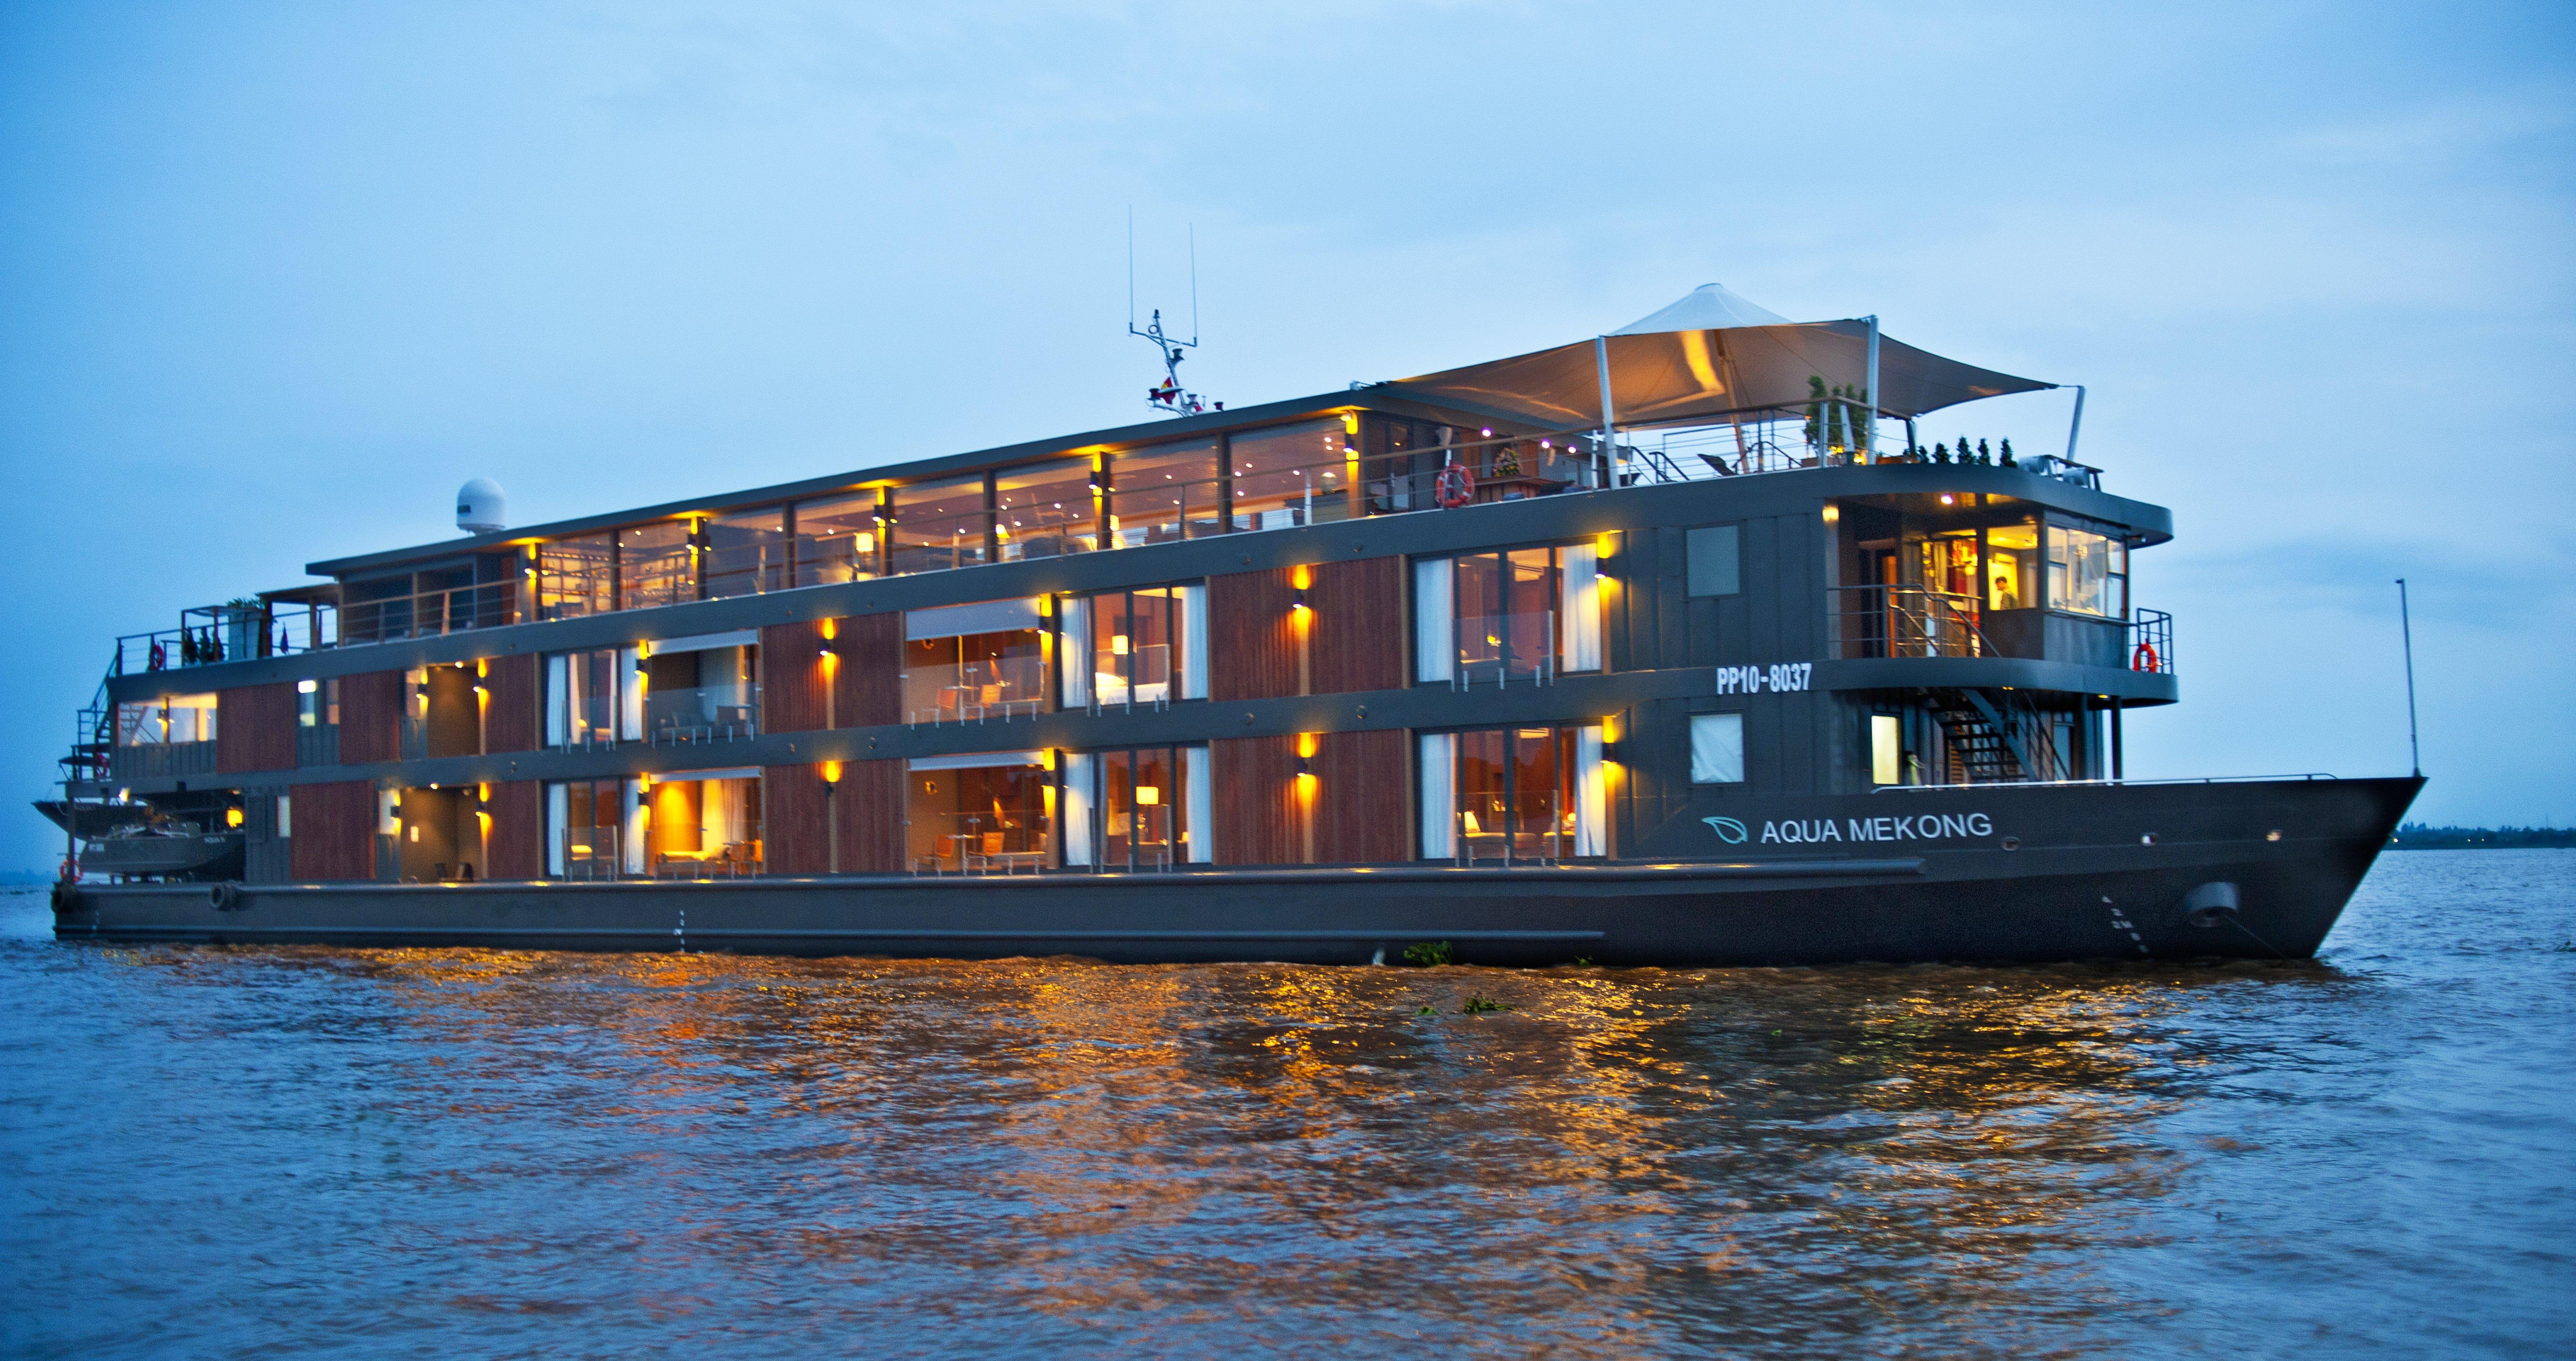 Aqua-Mekong-luxury-river-journey